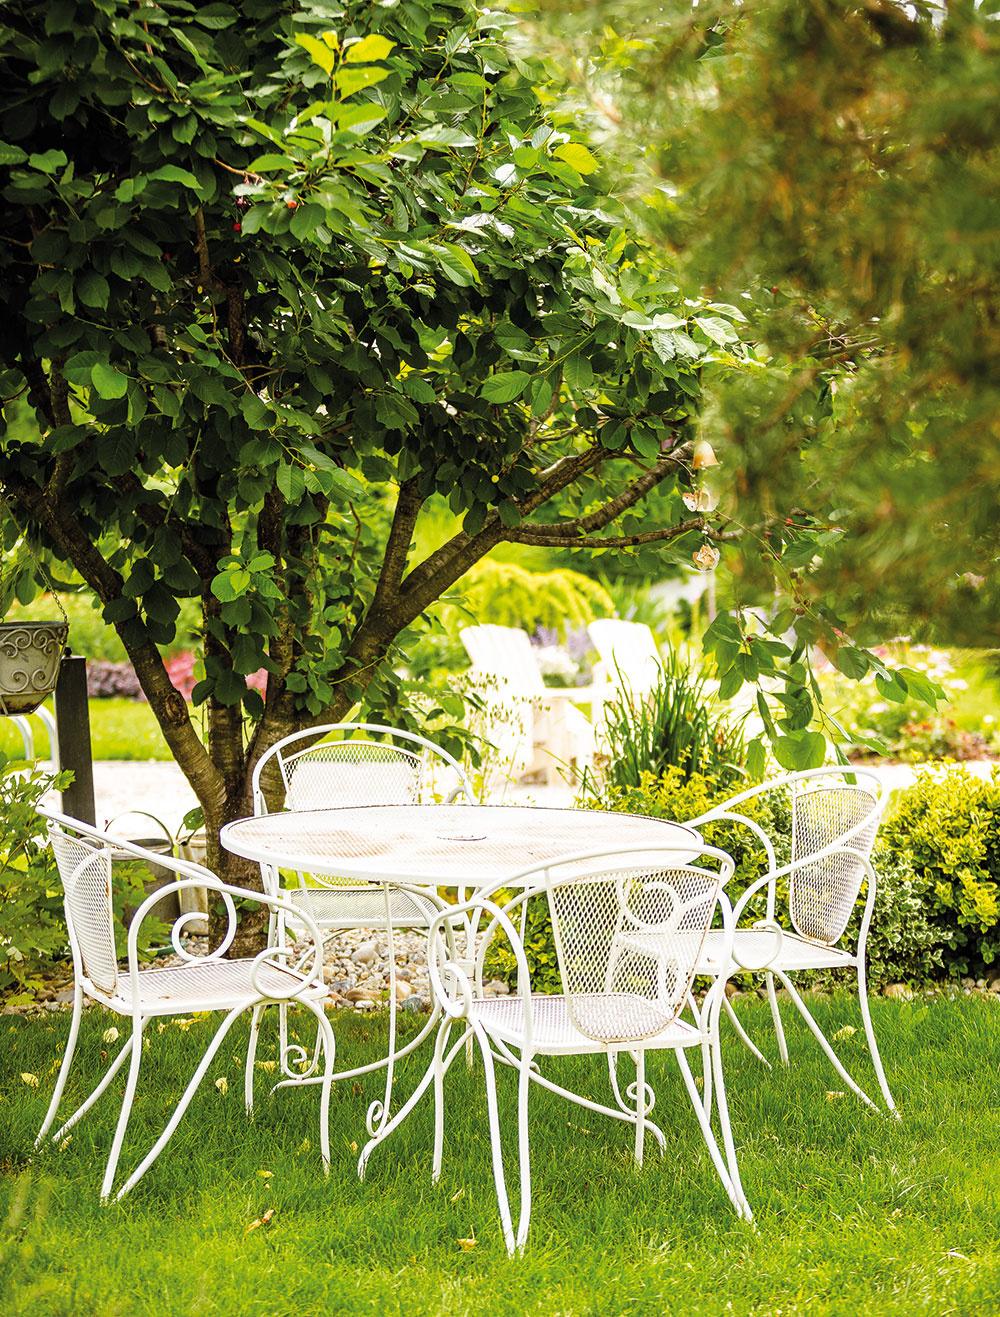 Záhradné sedenie vo vintage štýle je jedno znajkrajších miest vcelej záhrade. Poskytuje nádherné pohľady na všetky strany záhrady.